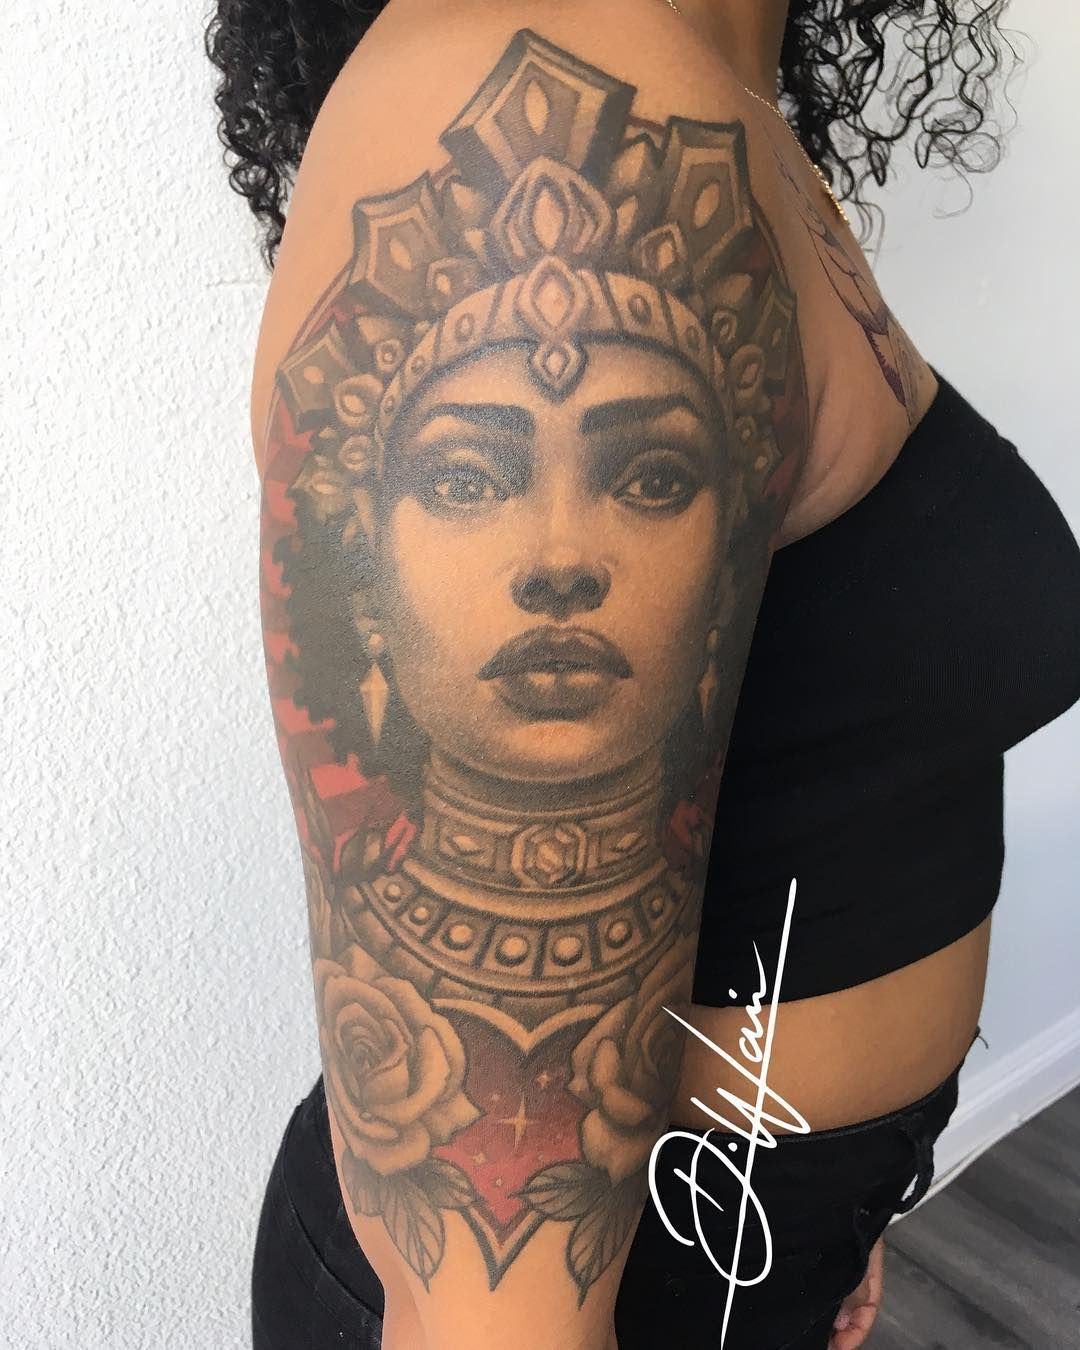 Dark Skin Tattoos | Queen Tattoo | Dark Skin Body Art | Tattoo Ideas and Inspiration | Darnell Waine